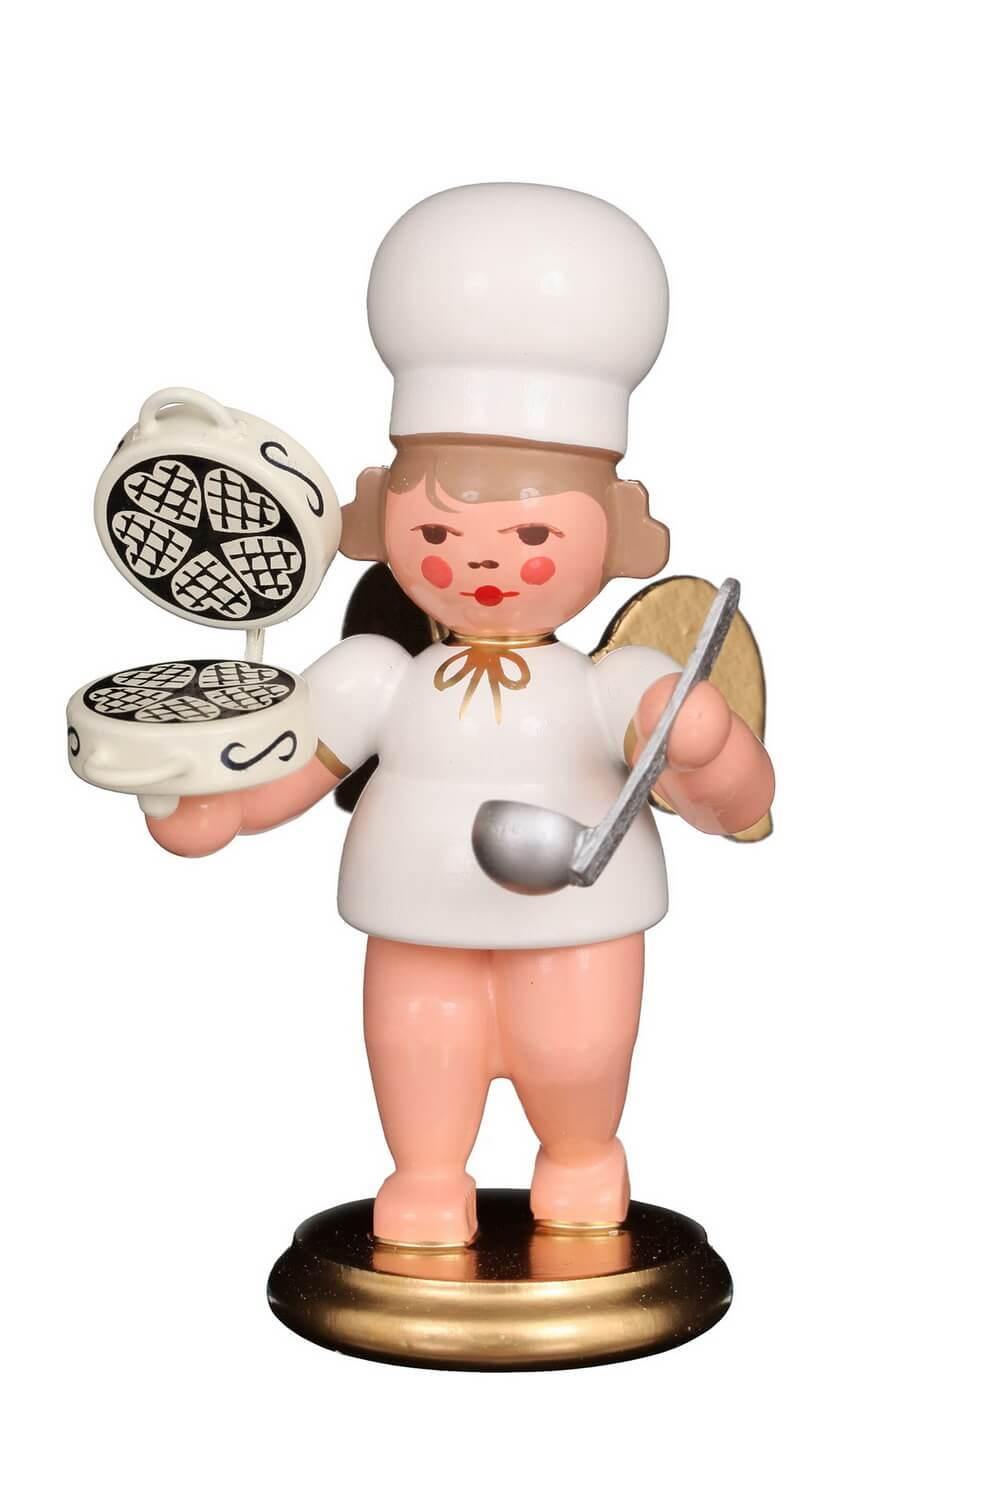 Weihnachtsengel - Bäckerengel mit Waffeleisen, 8 cm, Christian Ulbricht GmbH & Co KG Seiffen/ Erzgebirge